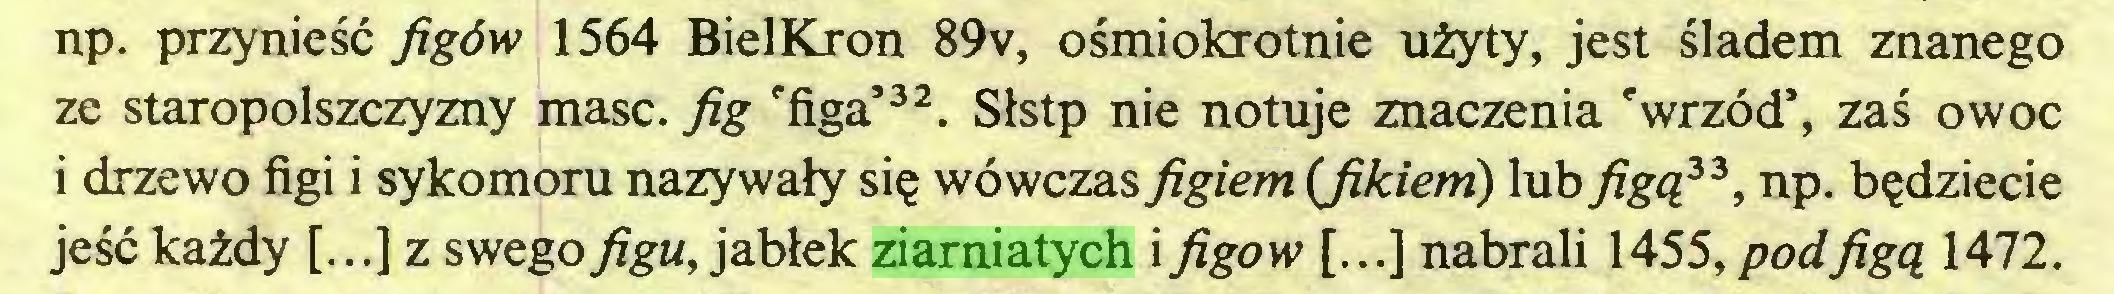 (...) np. przyniesc figöw 1564 BielKron 89v, osmiokrotnie uiyty, jest sladem znanego ze staropolszczyzny masc. fig 'figa'32. Slstp nie notuje znaczenia cwrzod5, zas owoc i drzewo figi i sykomoru nazywaly sie wöwczas figiem (fikiem) lub figq33, np. b^dziecie jesc kaidy [...] z swegofigu, jabtek ziarniatych i figow [...] nabrali 1455,podfigq 1472...